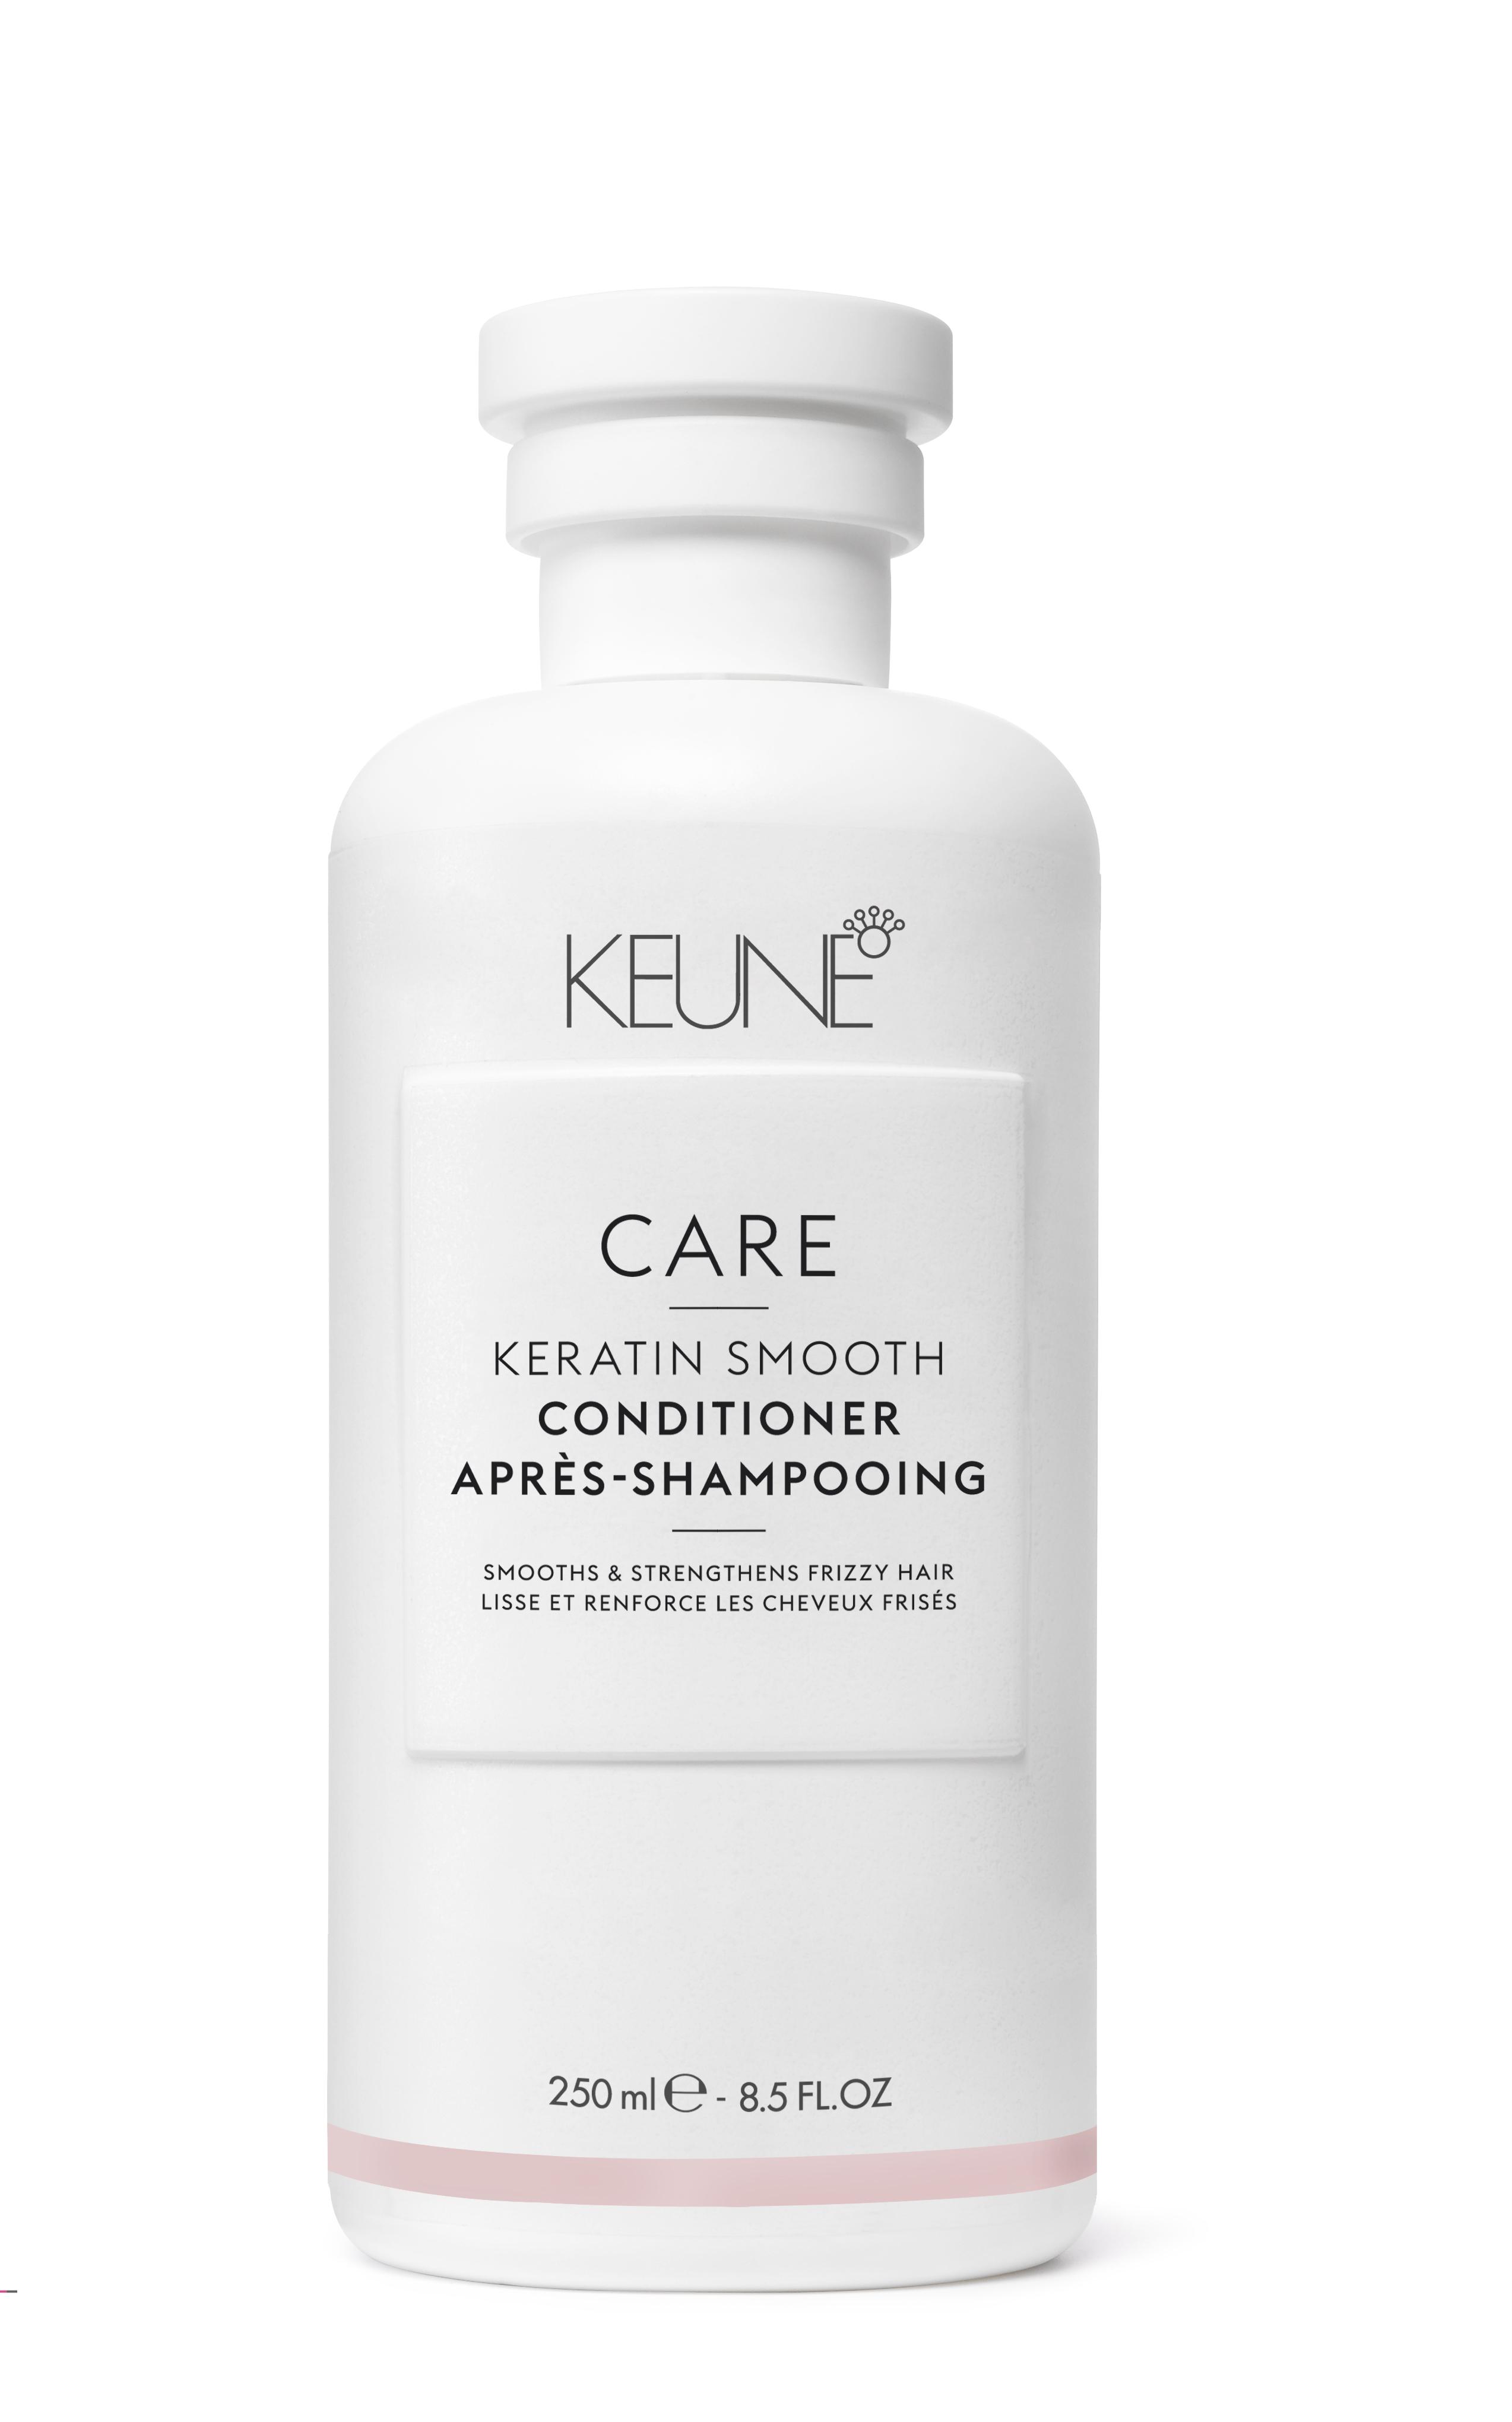 KEUNE Кондиционер Кератиновый комплекс / CARE Keratin Smoo Conditioner 250мл keune кондиционер восстановление keune repair conditioner